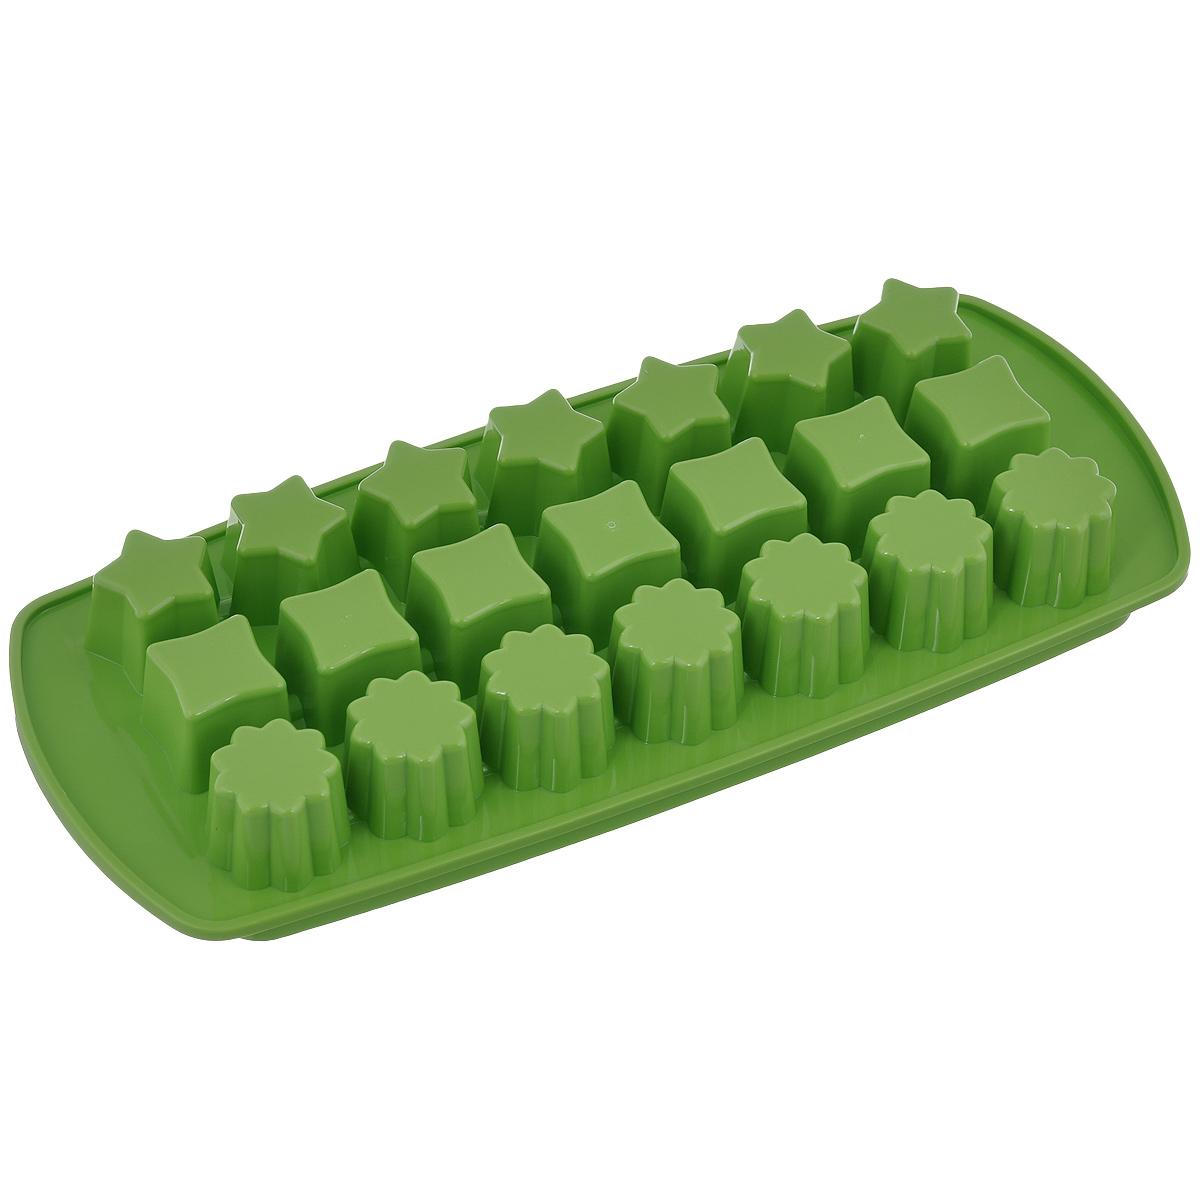 Форма для льда Tescomа Presto, цвет: зеленый, 21 ячейка